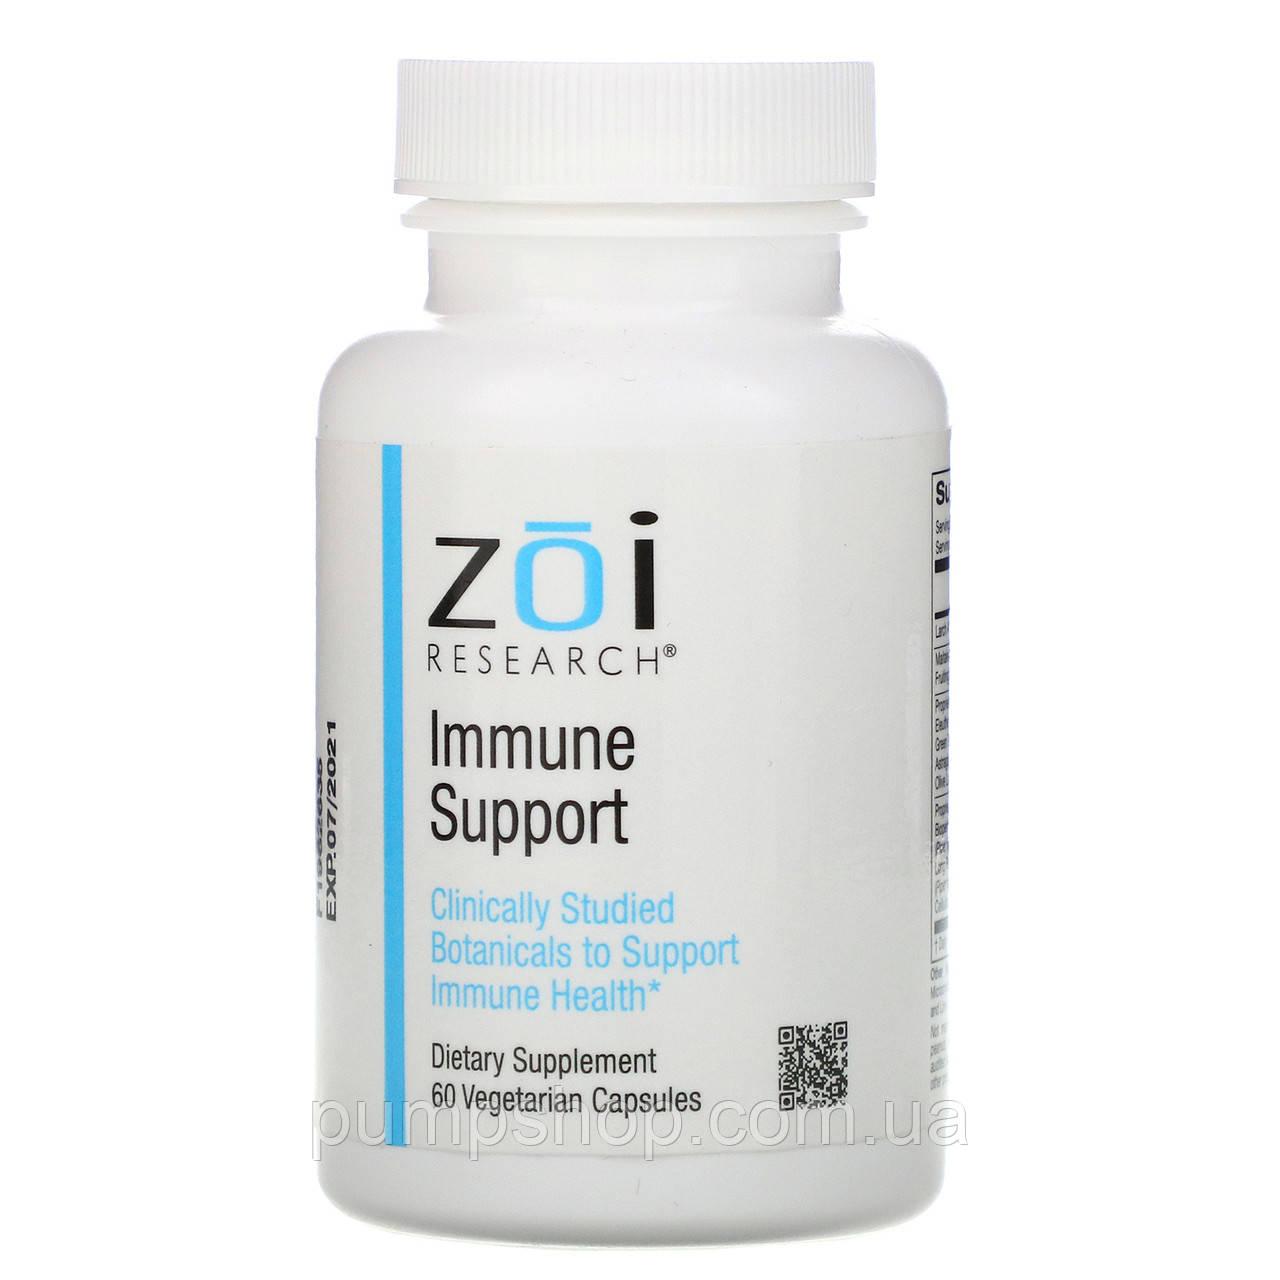 Добавка для укрепление иммунитета ZOI Research Immune Support 60 капс.